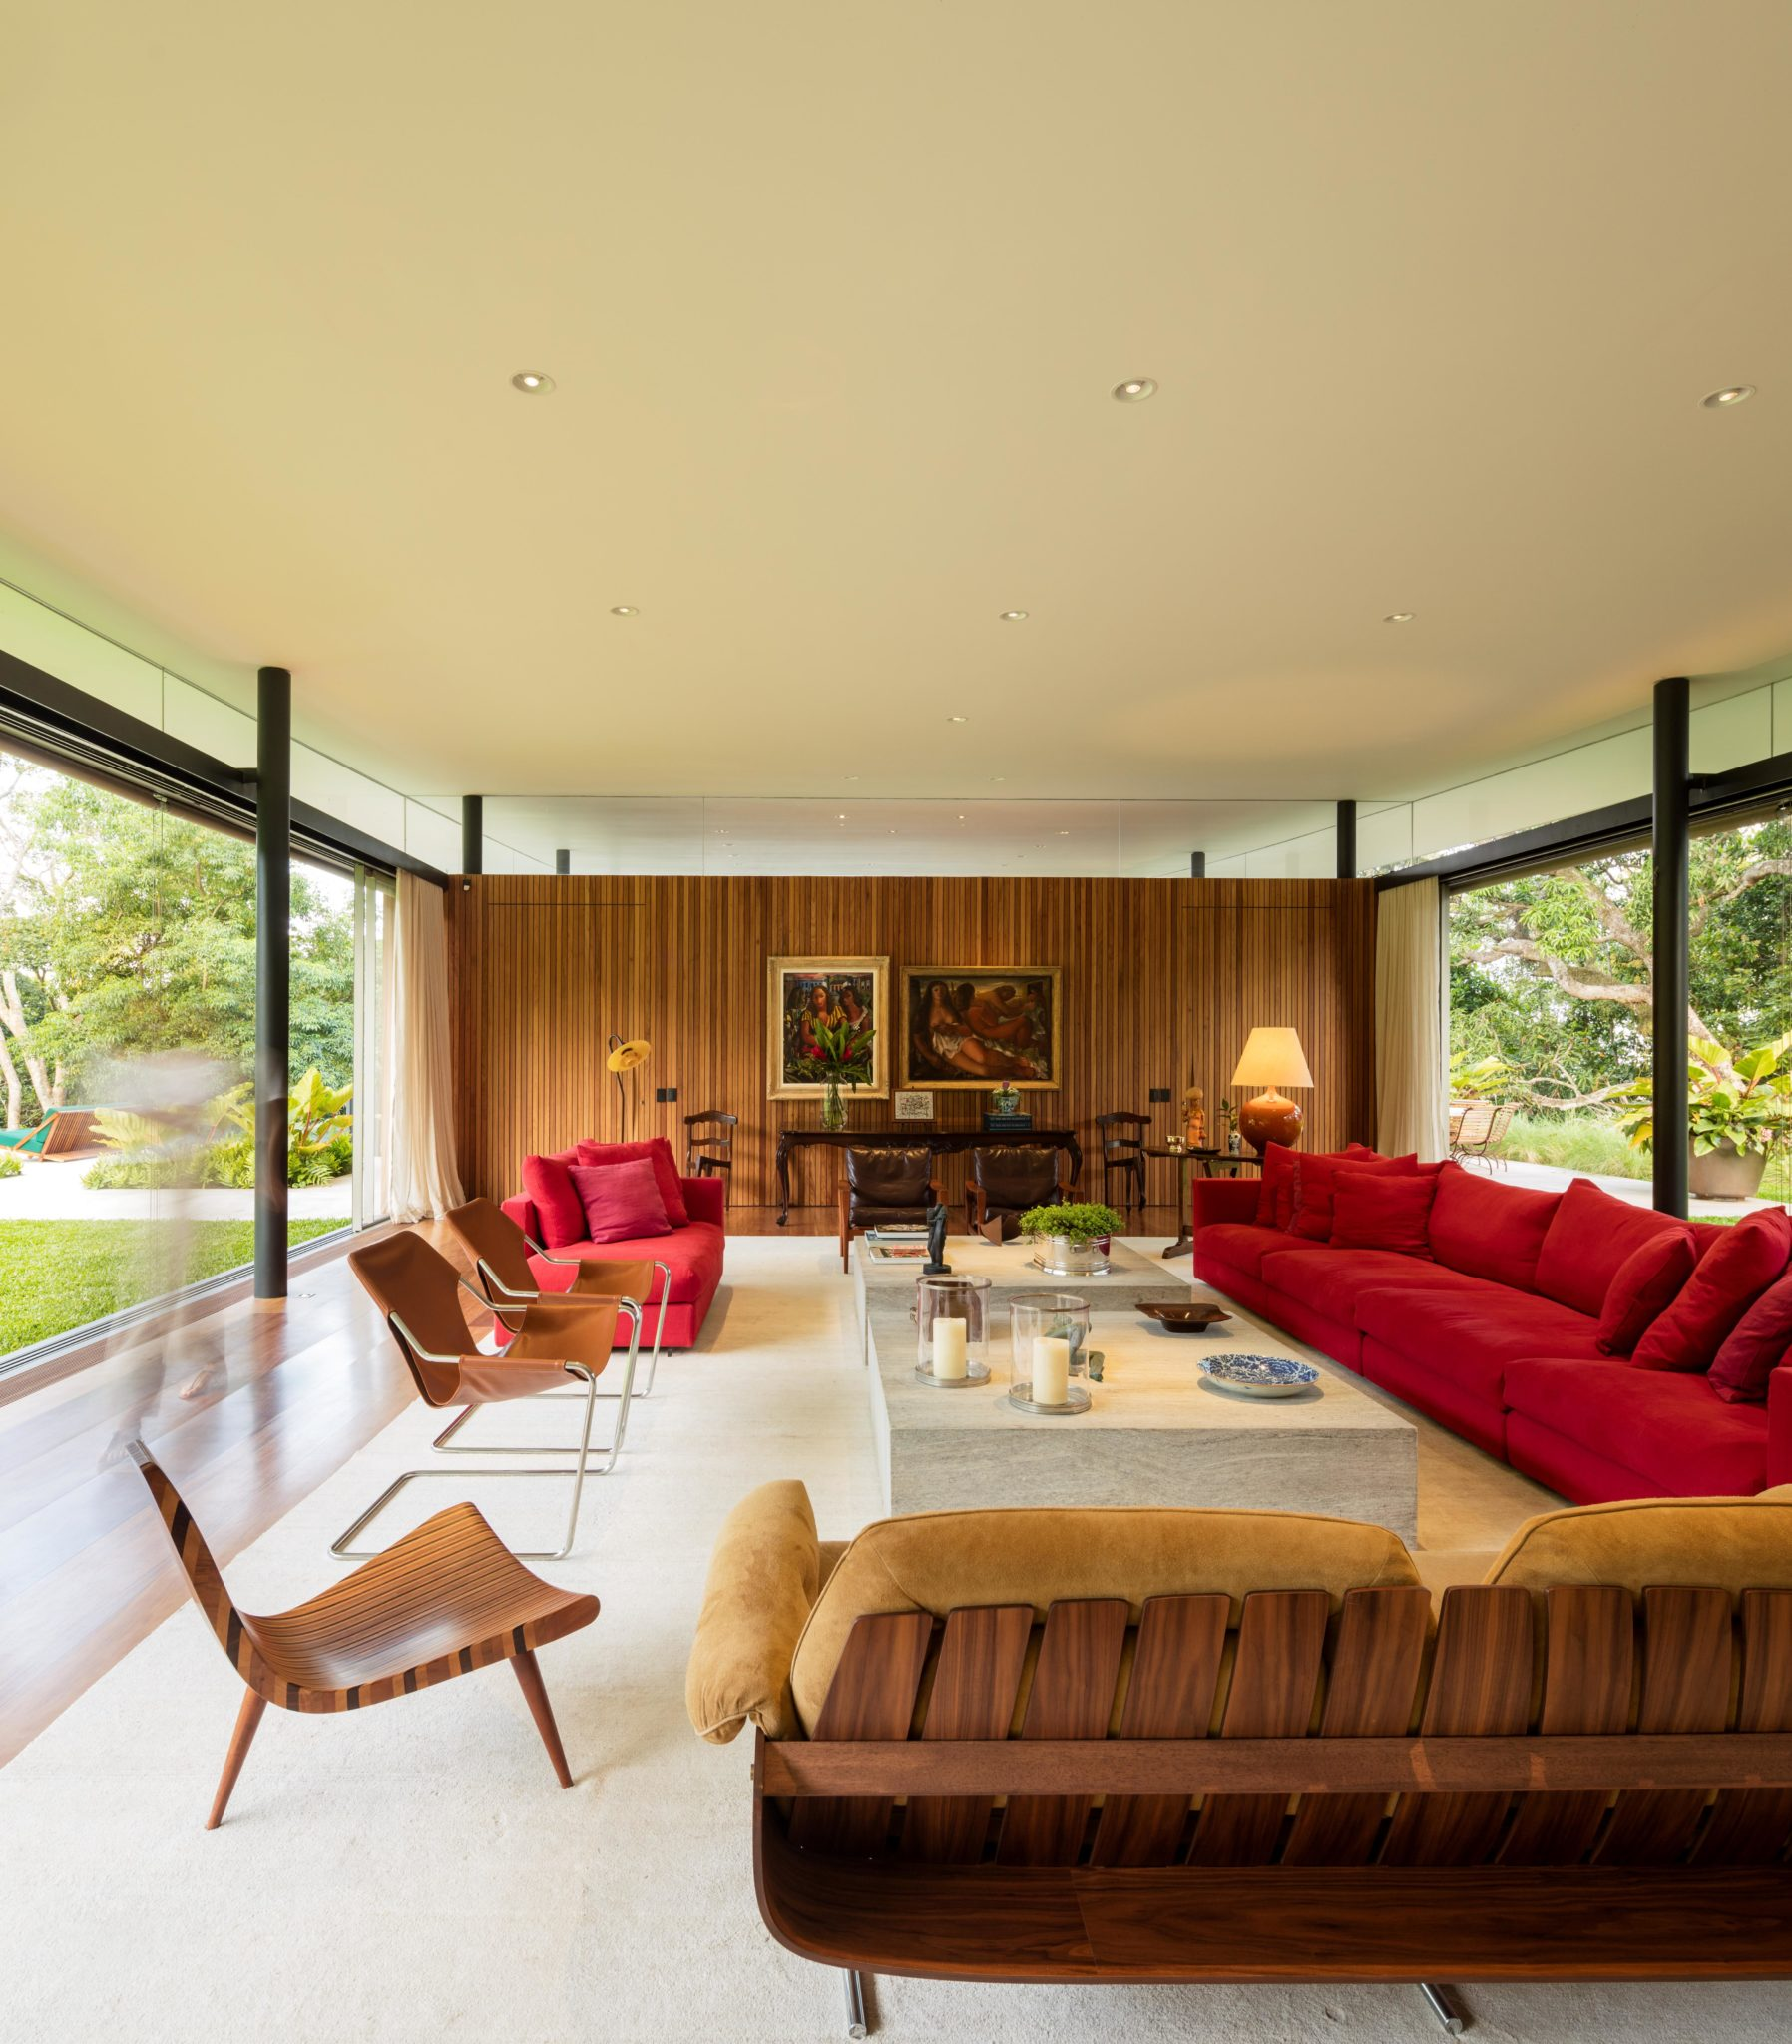 La casa ha una superficie costruita di 3.000 m2